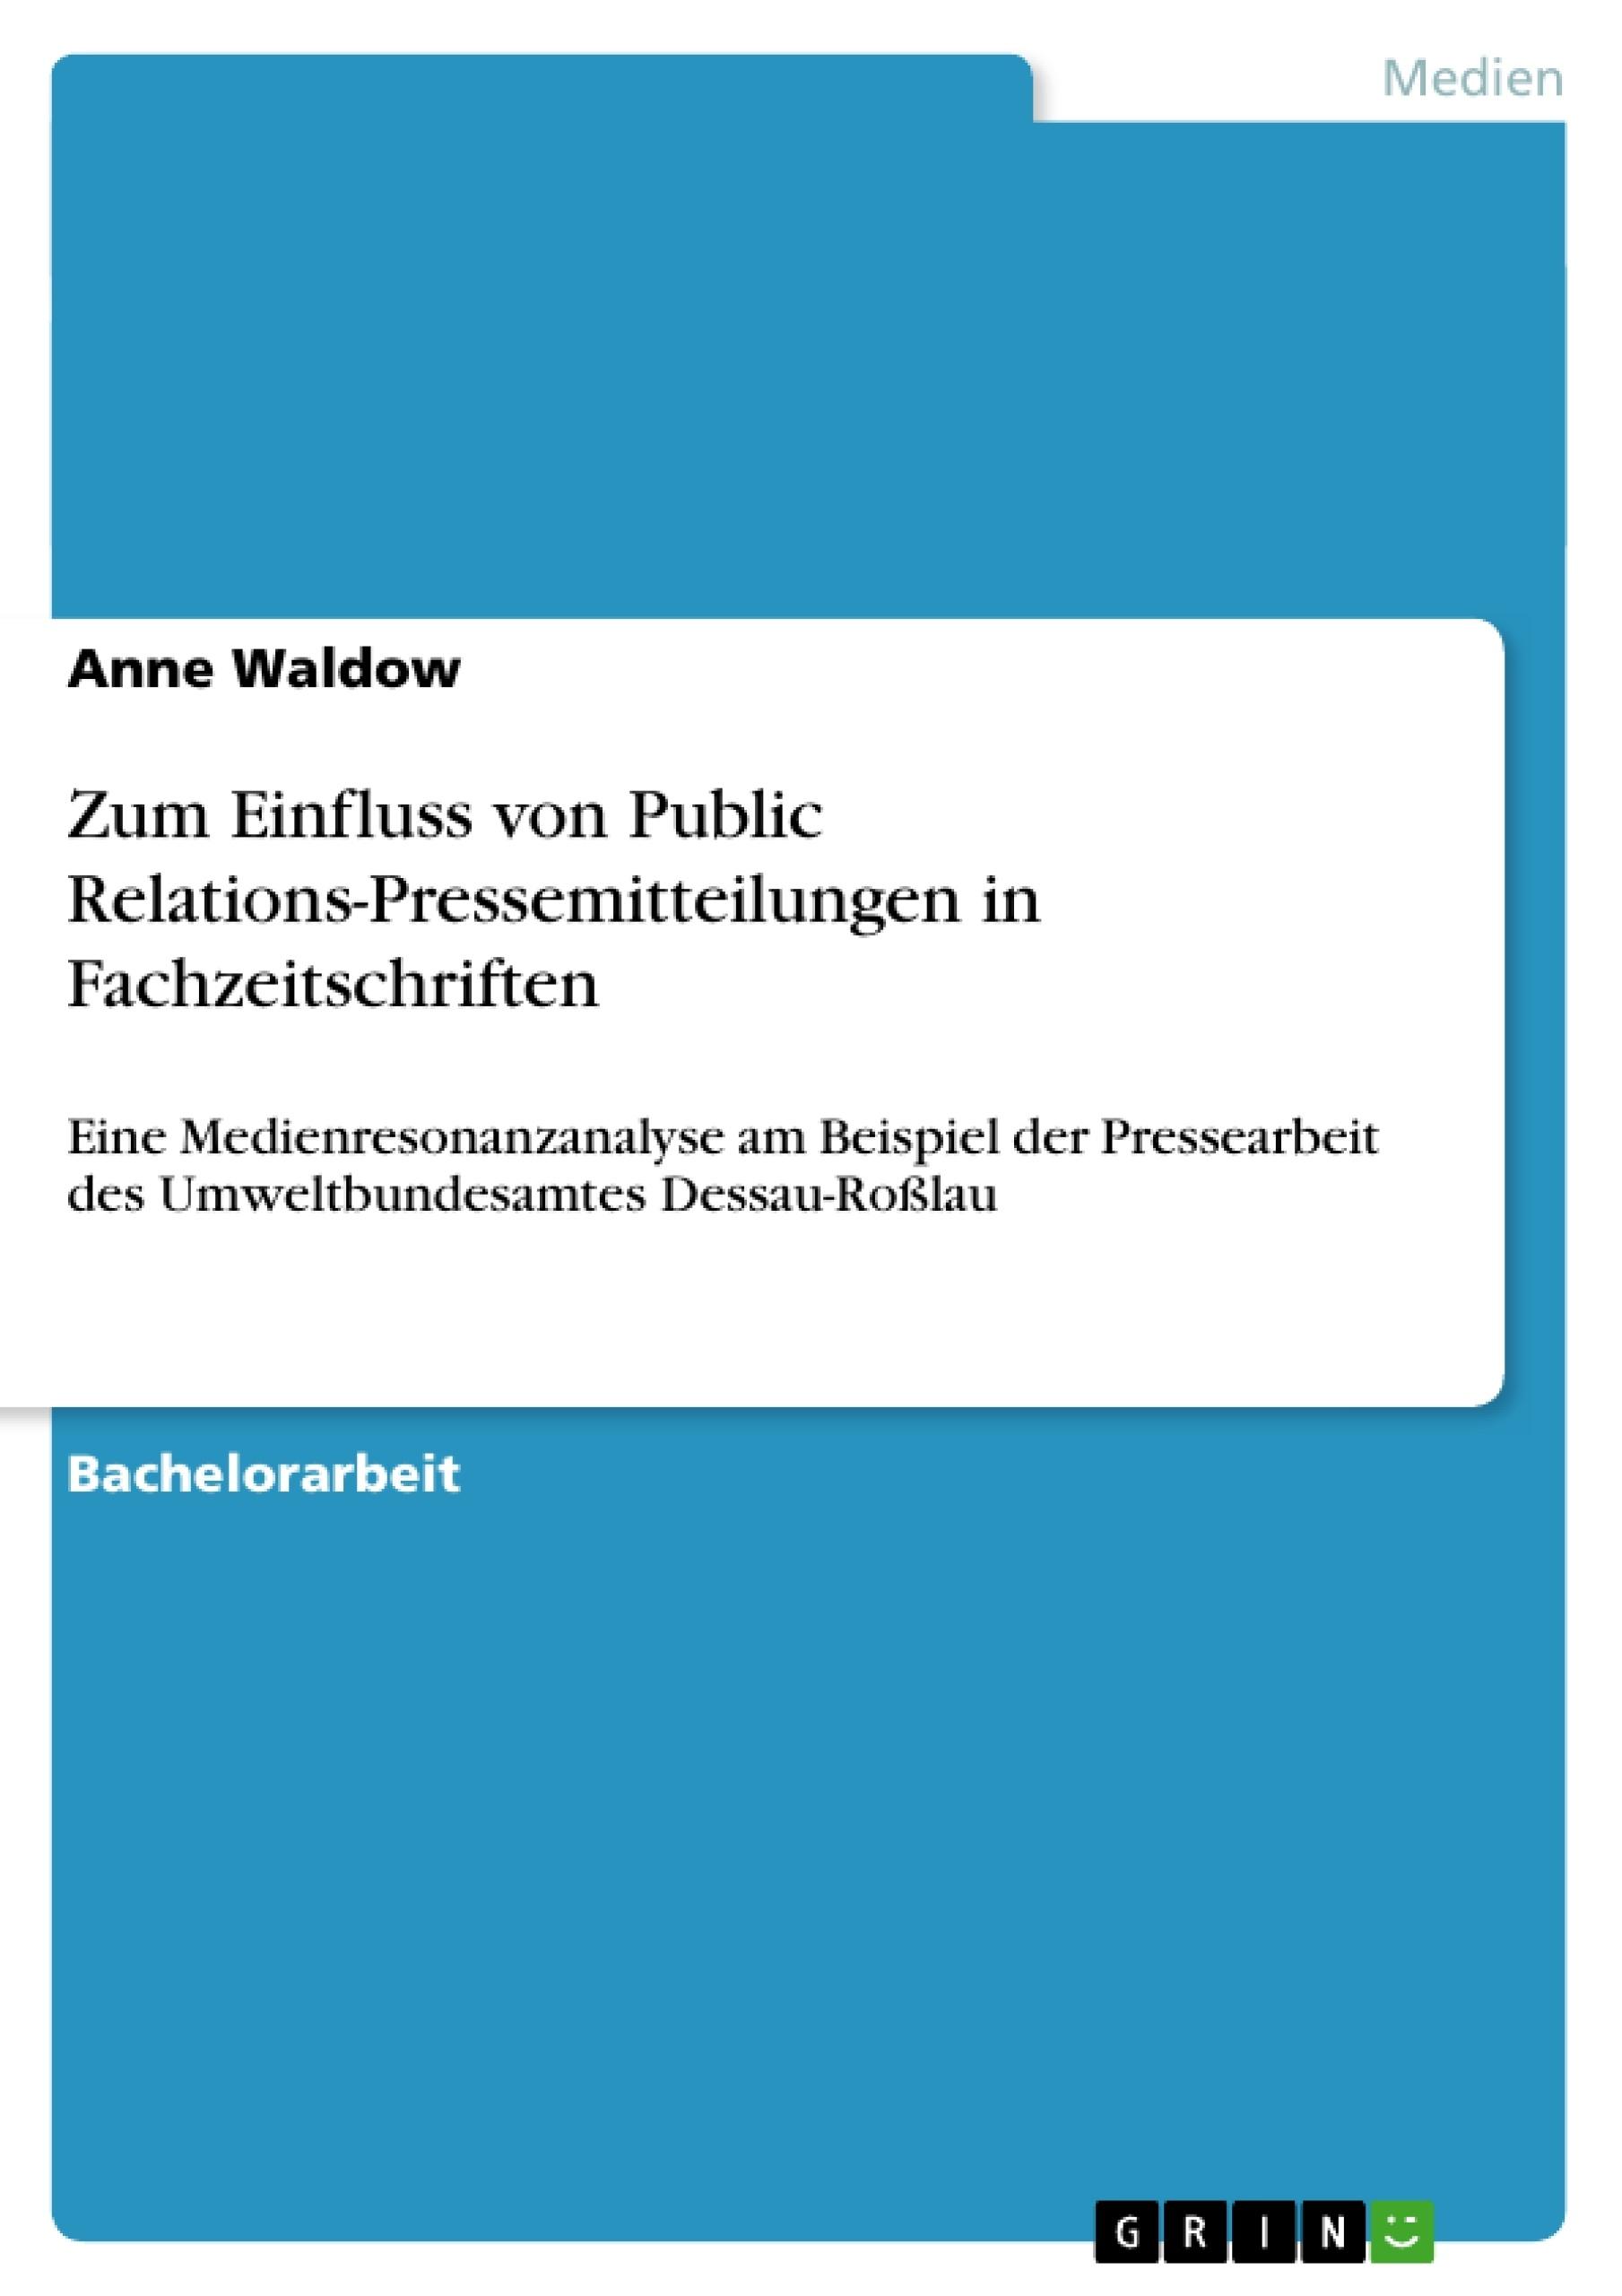 Titel: Zum Einfluss von Public Relations-Pressemitteilungen in Fachzeitschriften